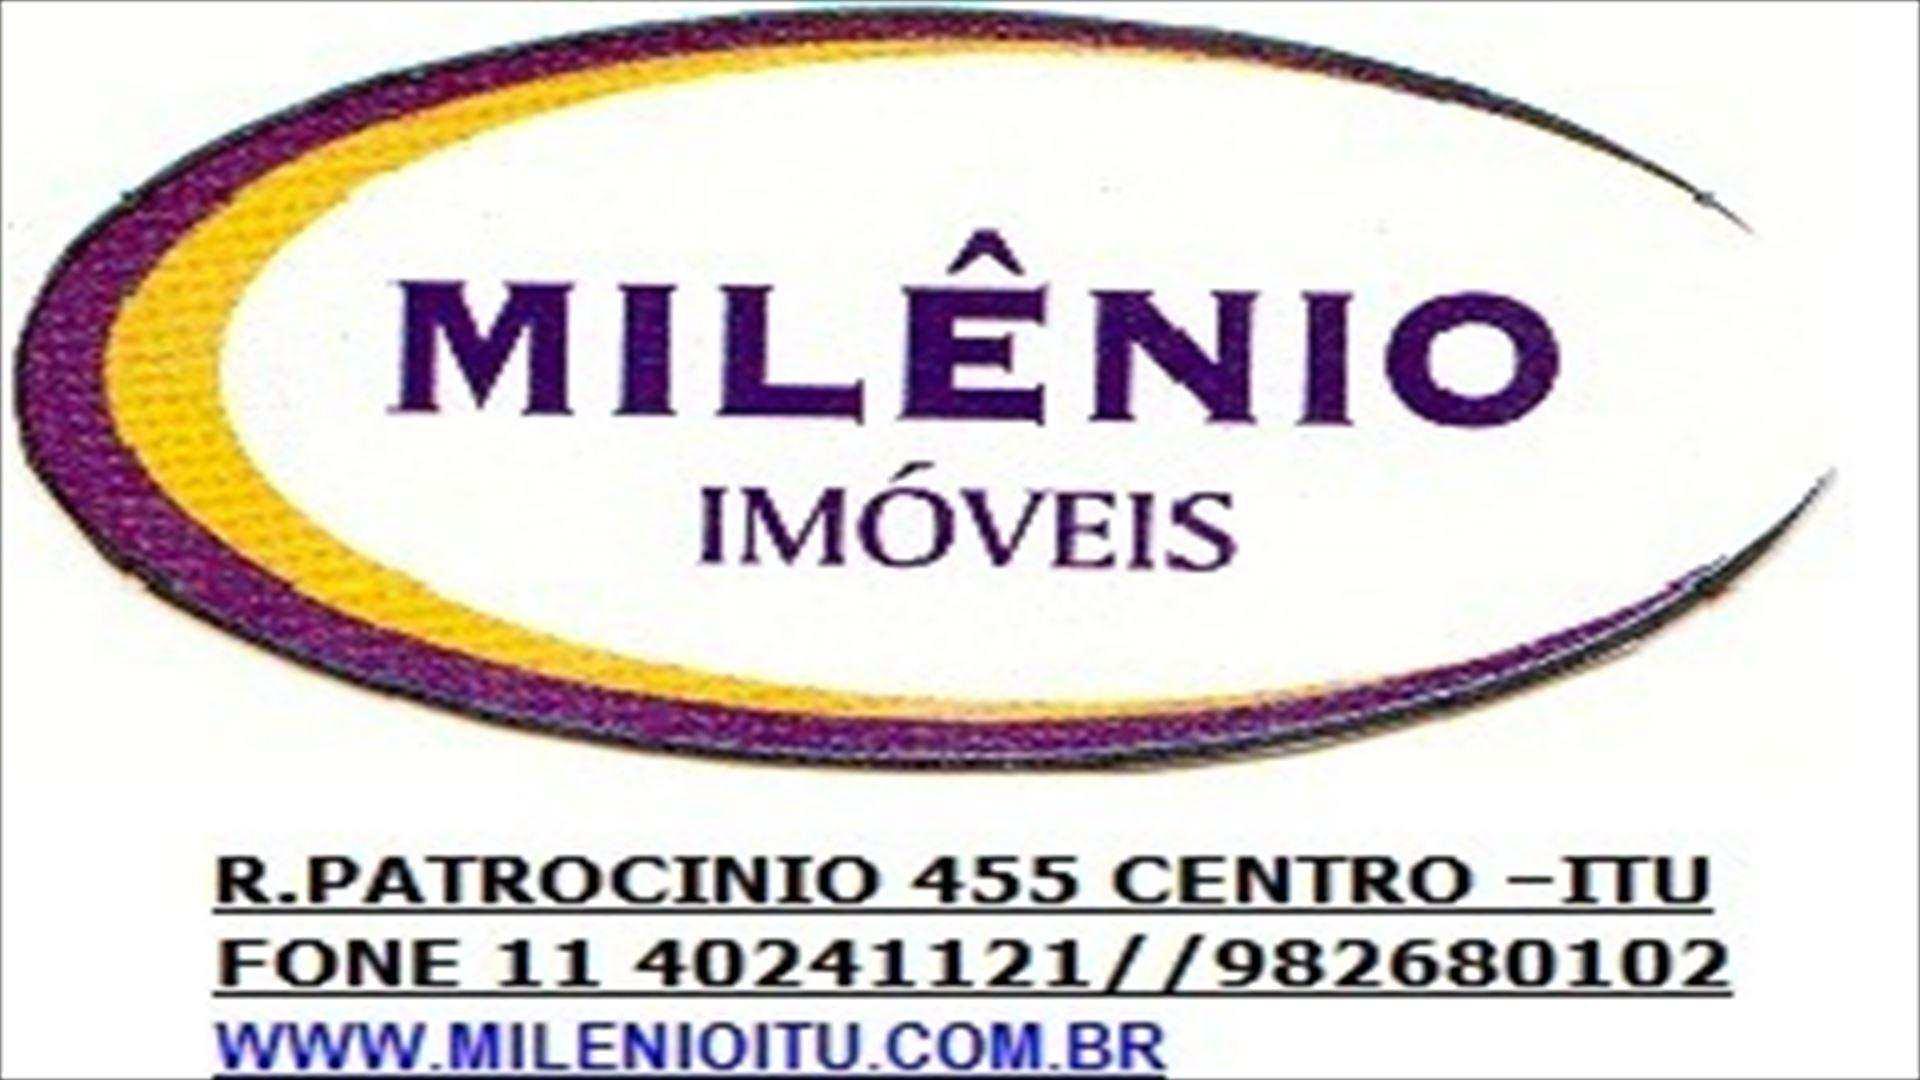 189300-LOGO_TIPO_MILENIO1.jpg